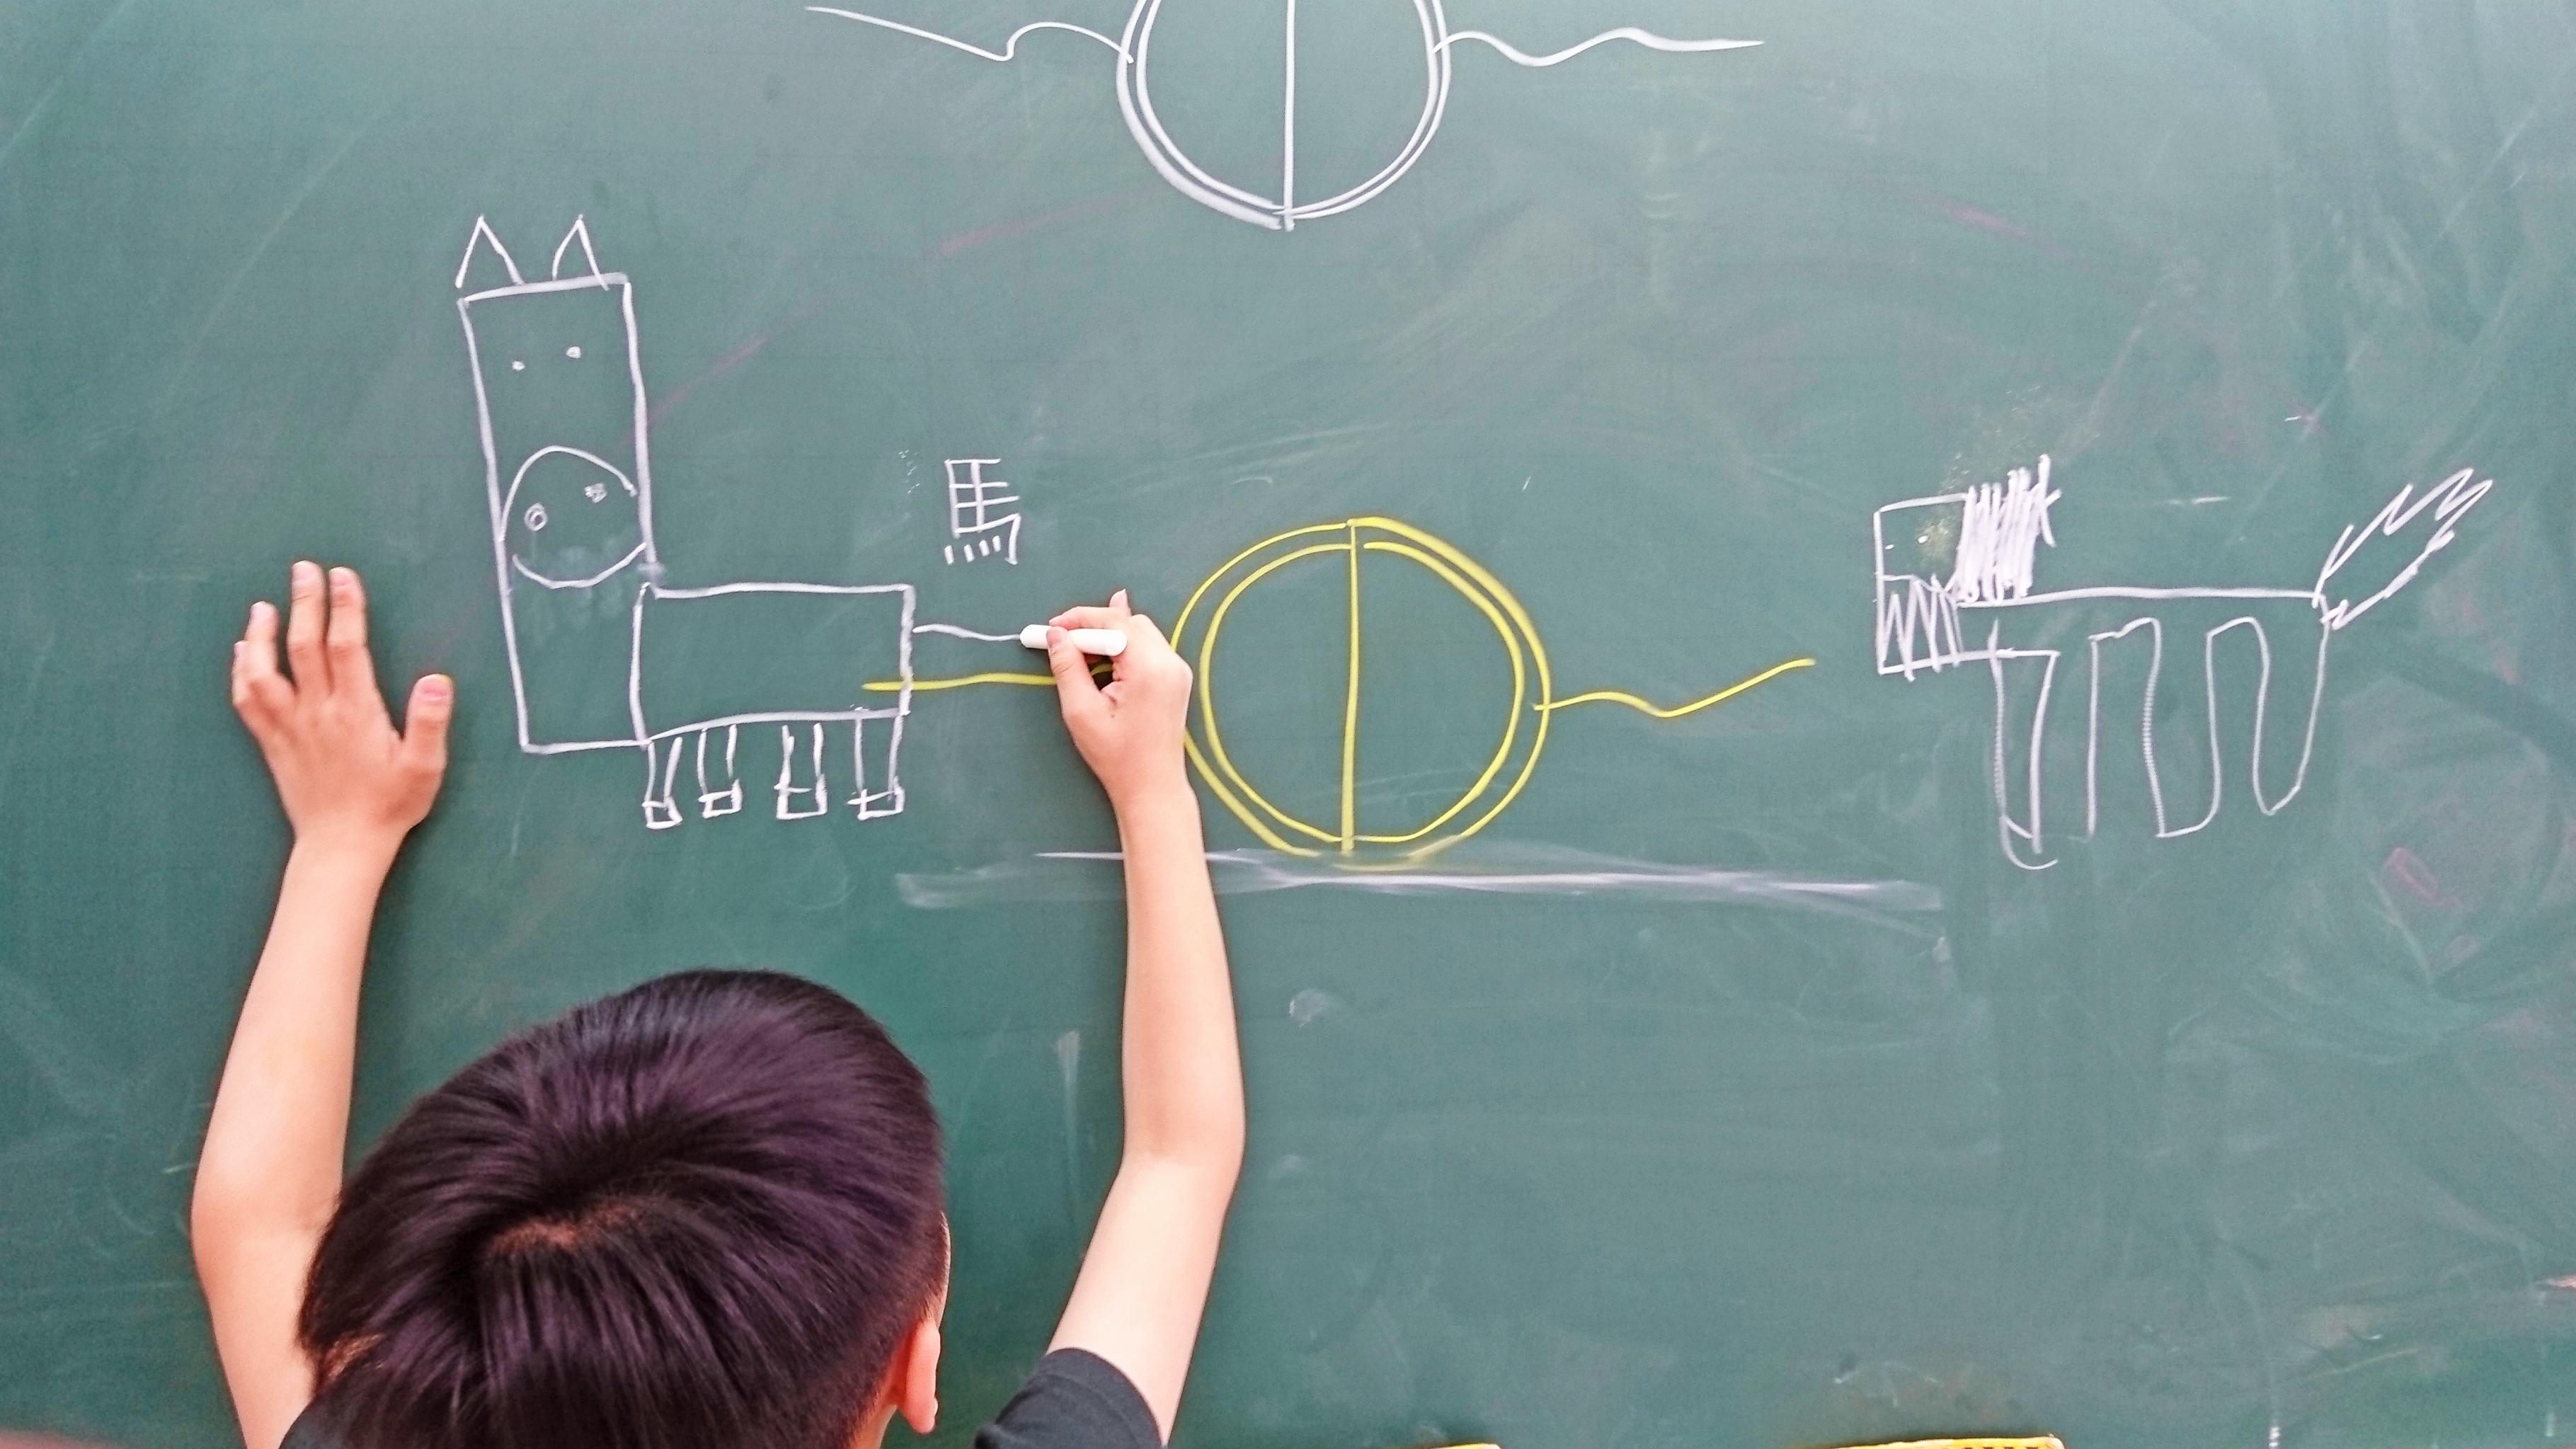 小心!瘋狂星期三來了「科學X藝術」親子美感教育大冒險現正報名中!